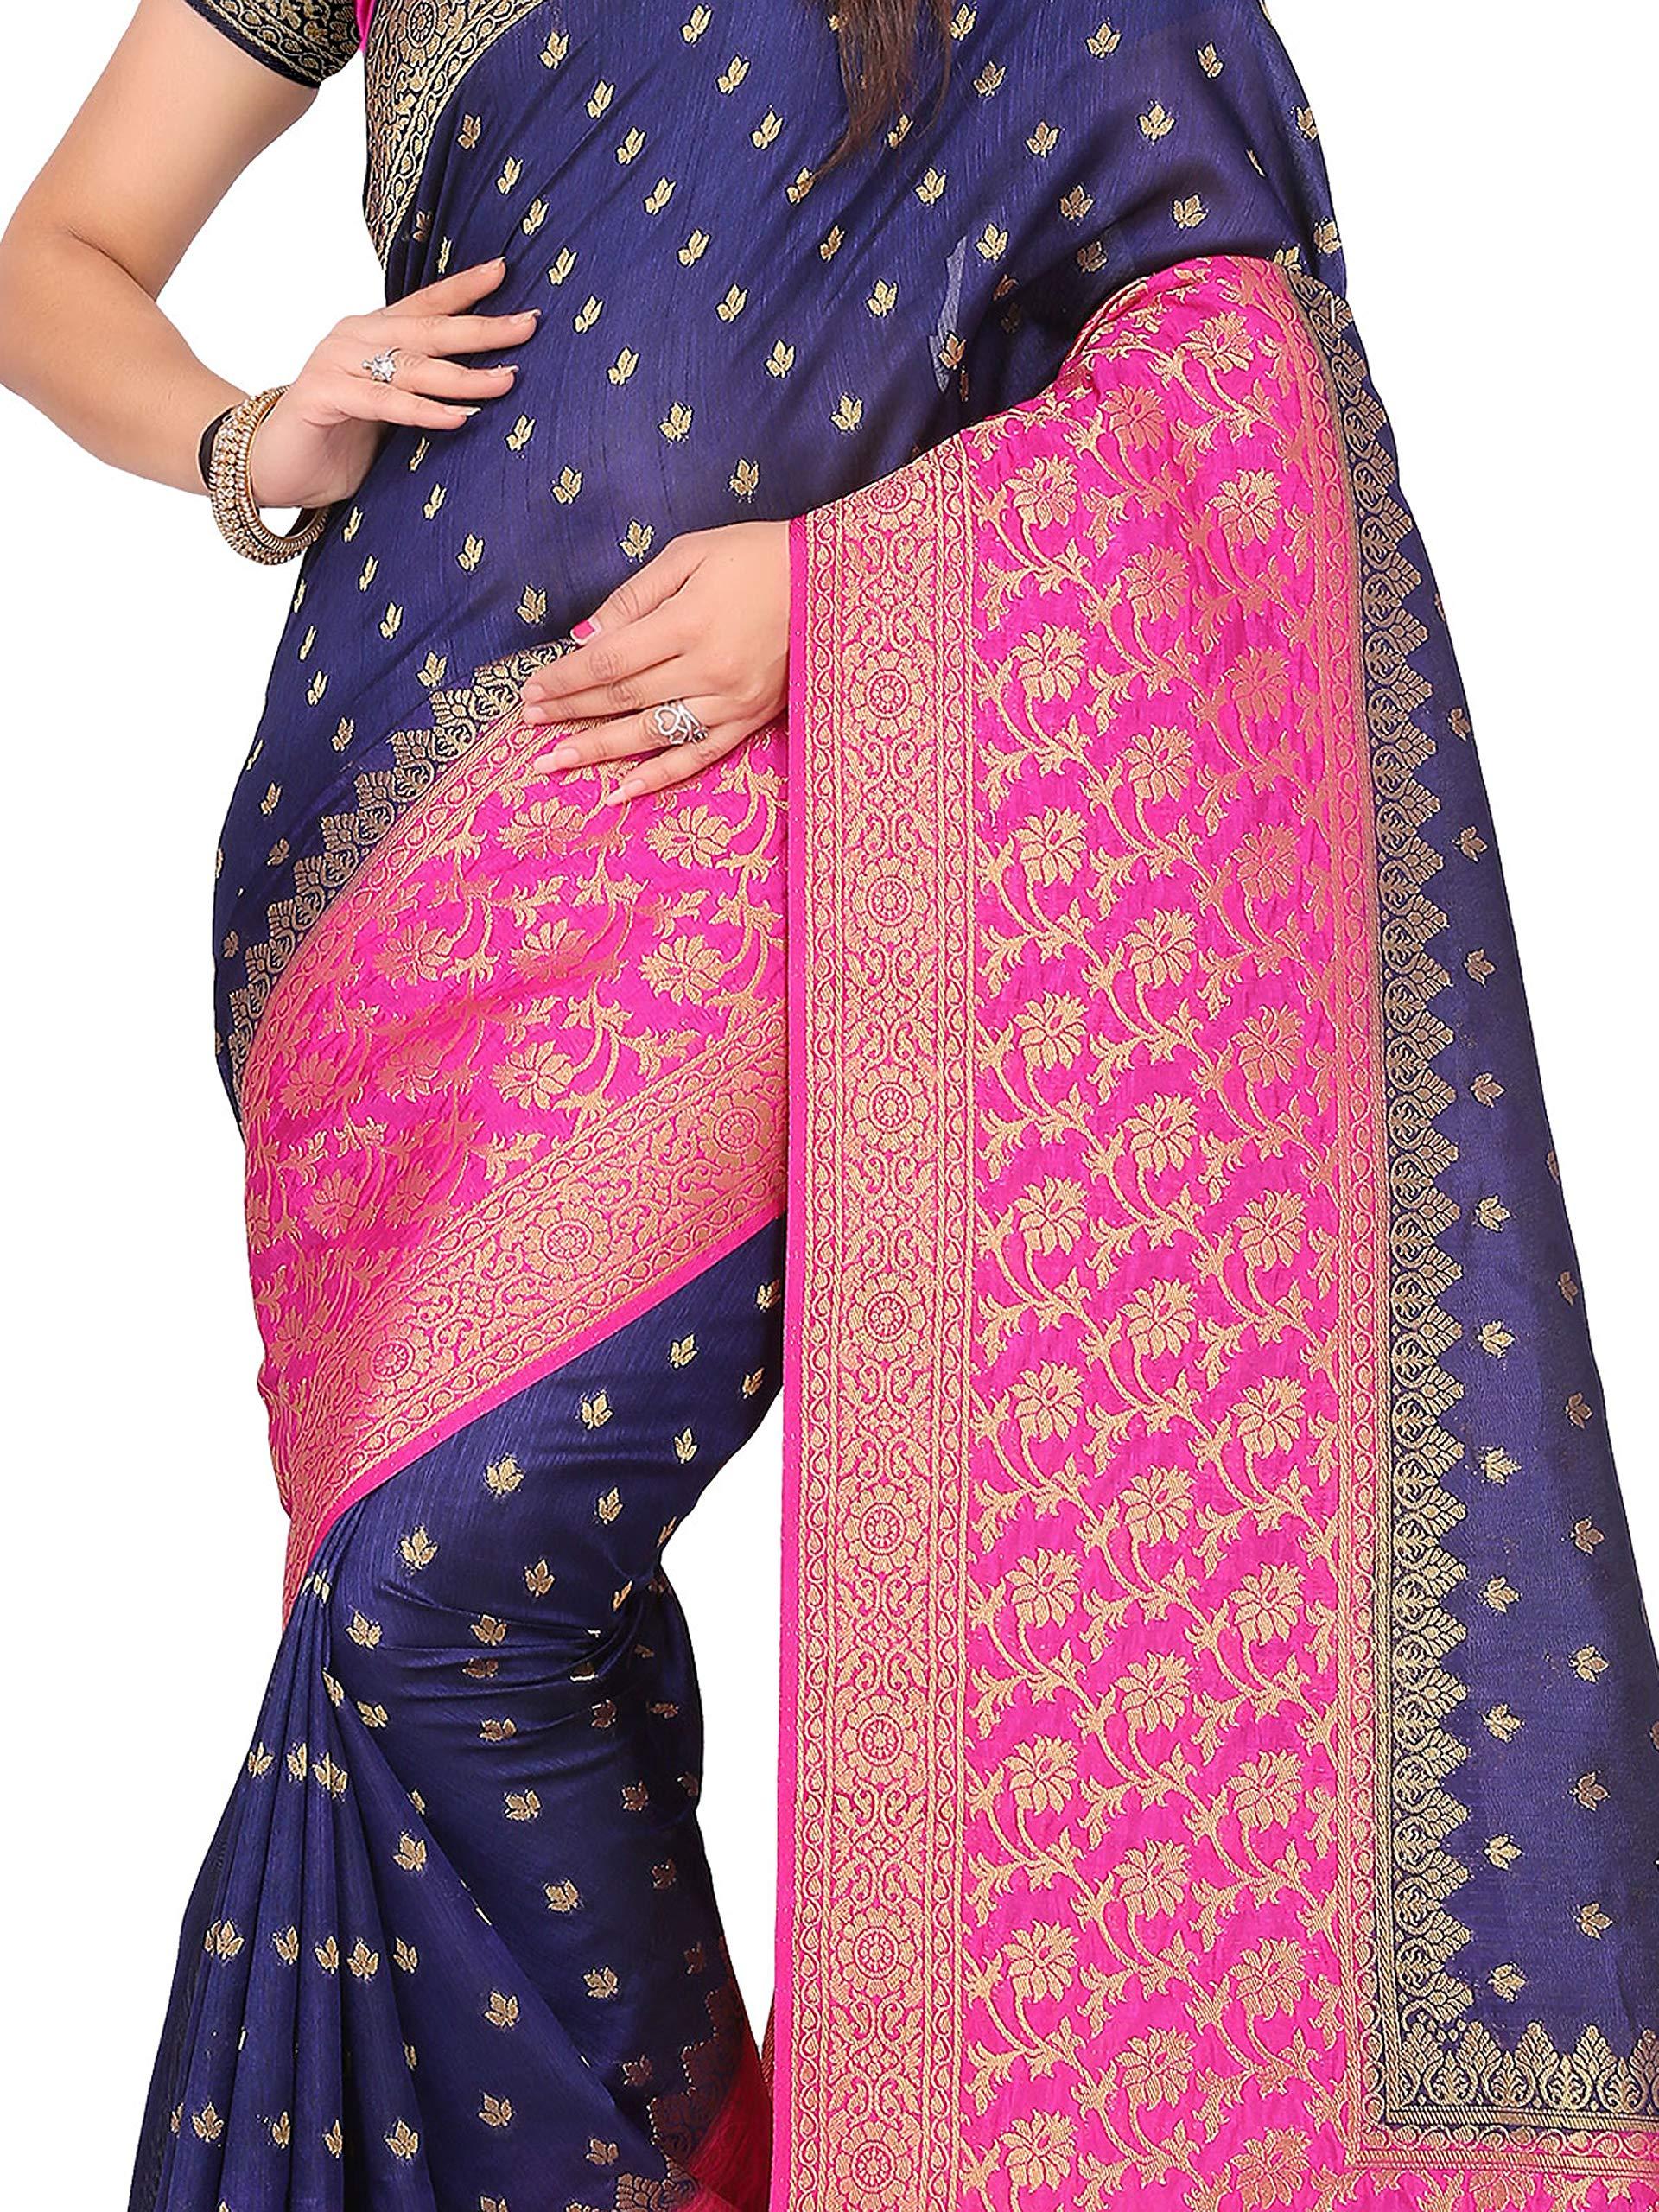 52b7c4bb47 arars kanjivaram kanchipuram silk pattu saree (263 RA NAVY BLUE ...